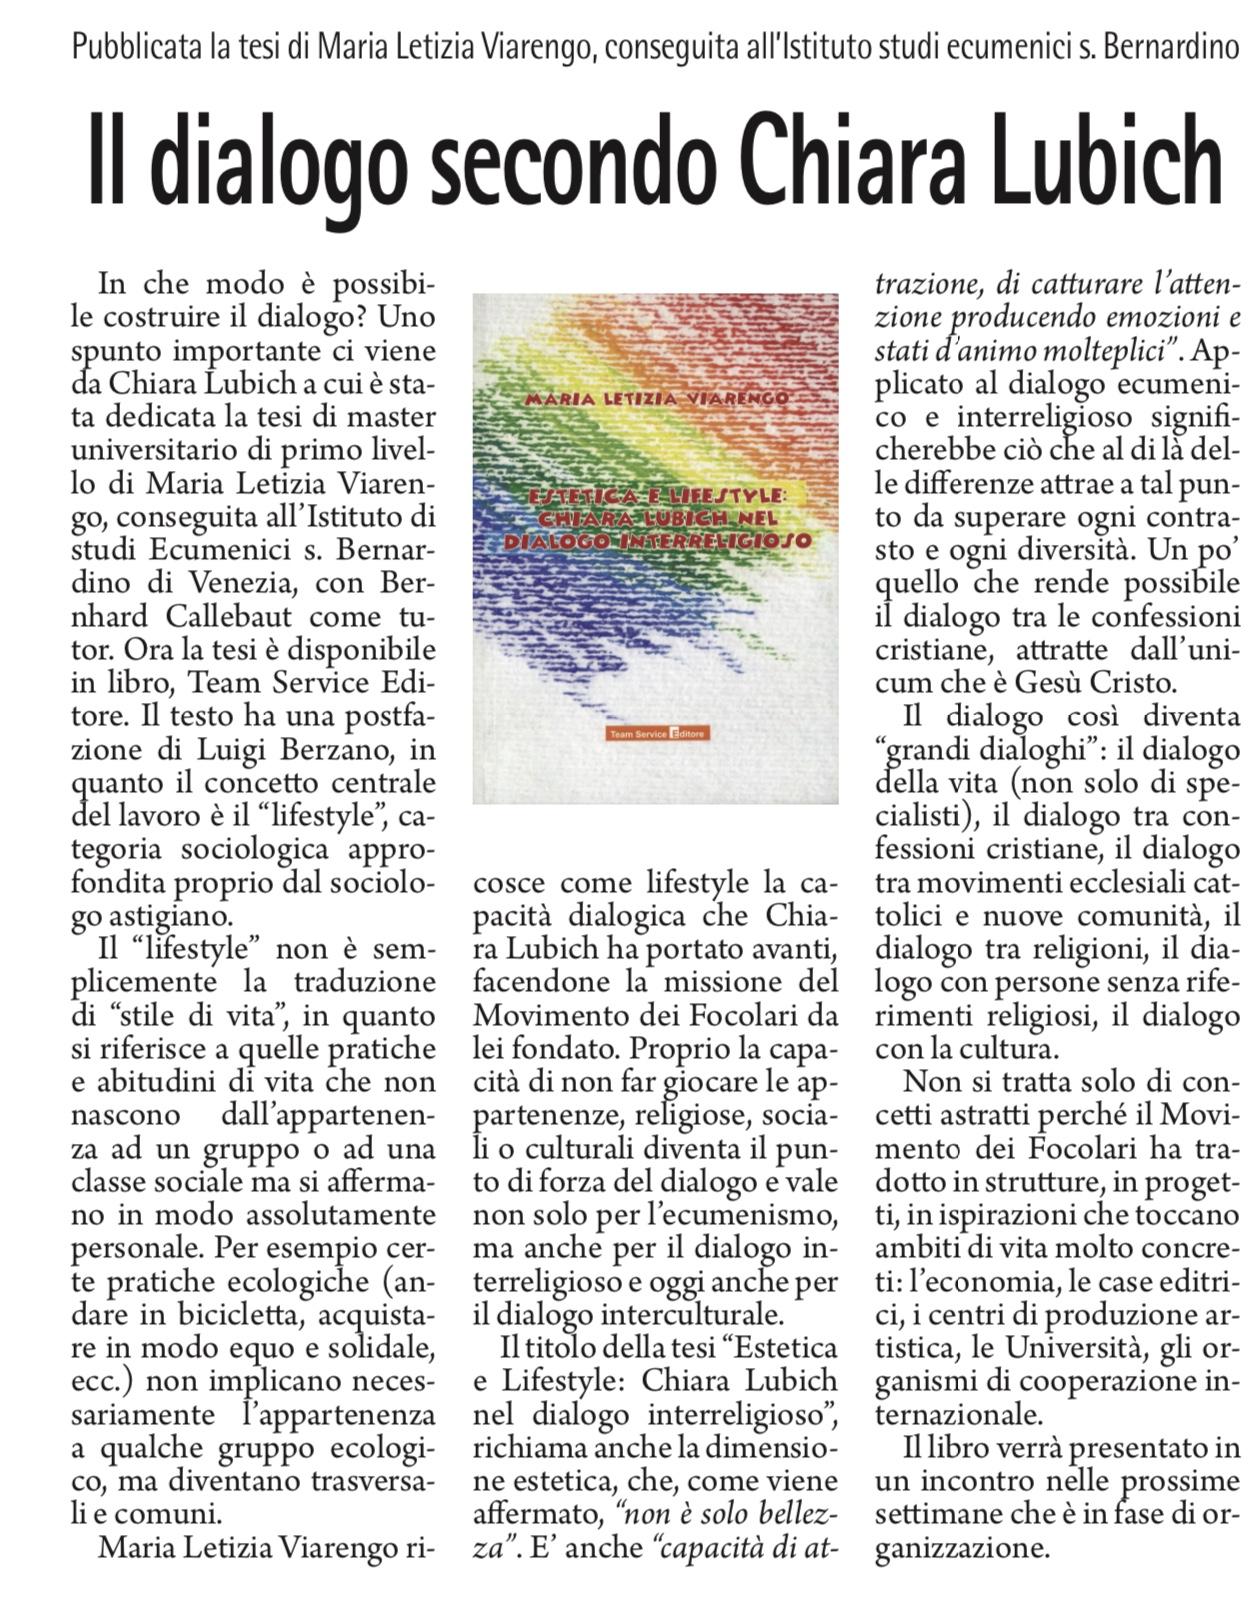 recensione libro Estetica e lifestyle: Chiara Lubich nel dialogo interreligioso